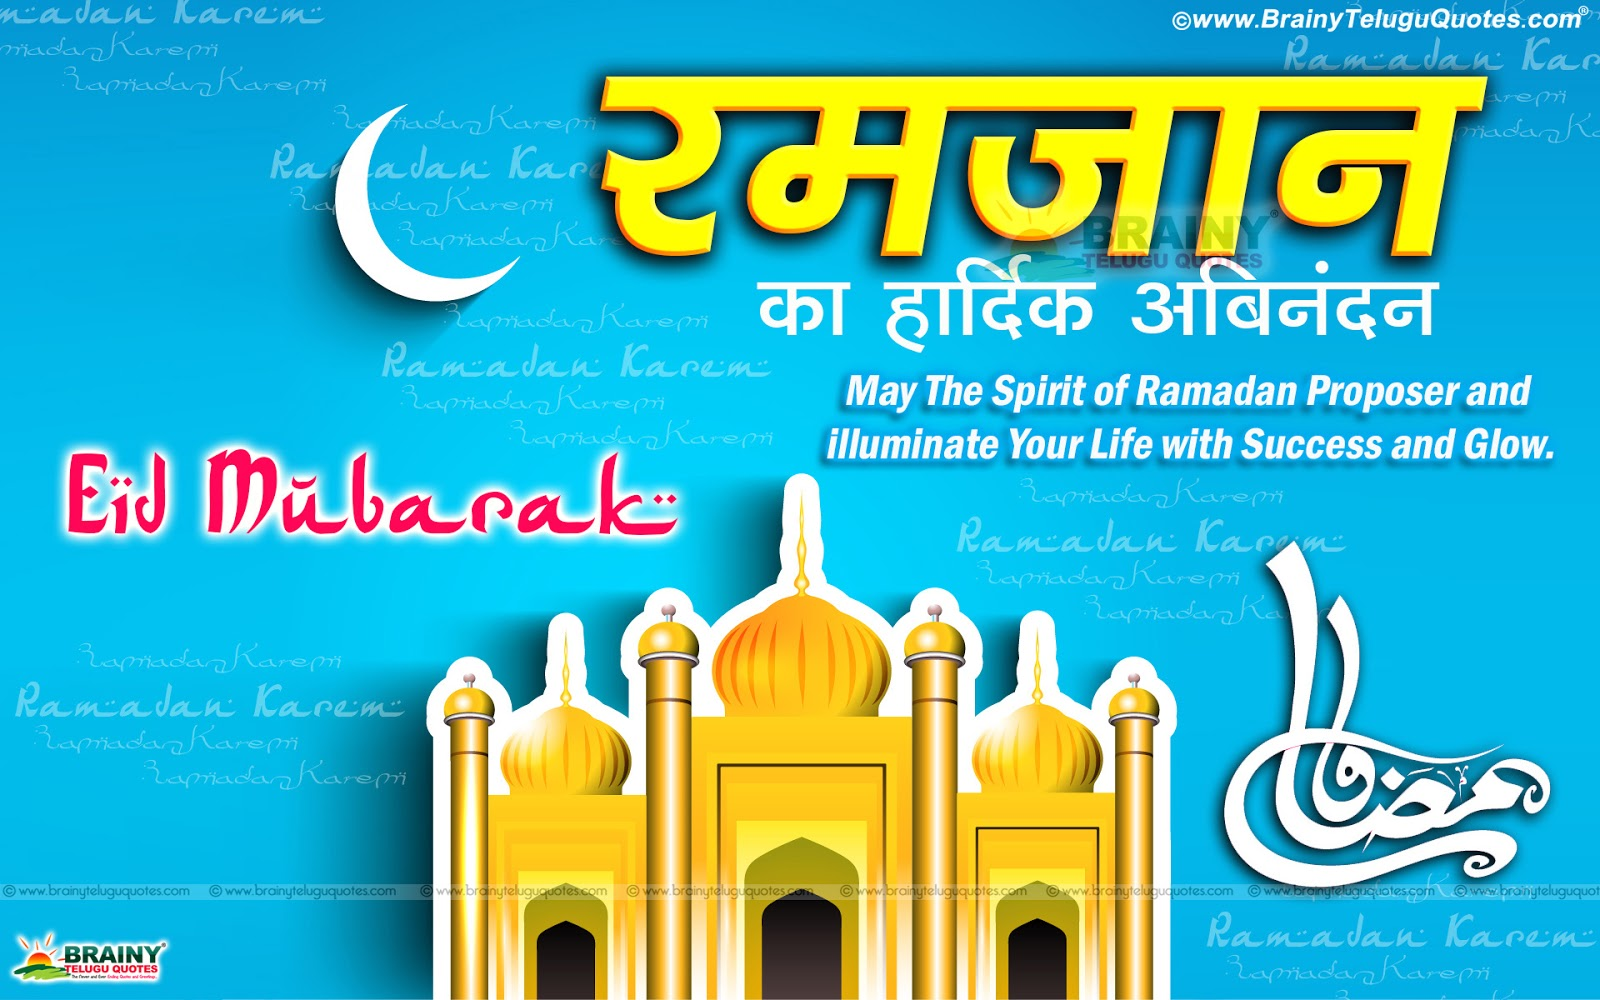 25 great advance ramadan mubarak 32 best advance ramadan mubarak for advance ramadan mubarak wallpapers 146hul m4hsunfo